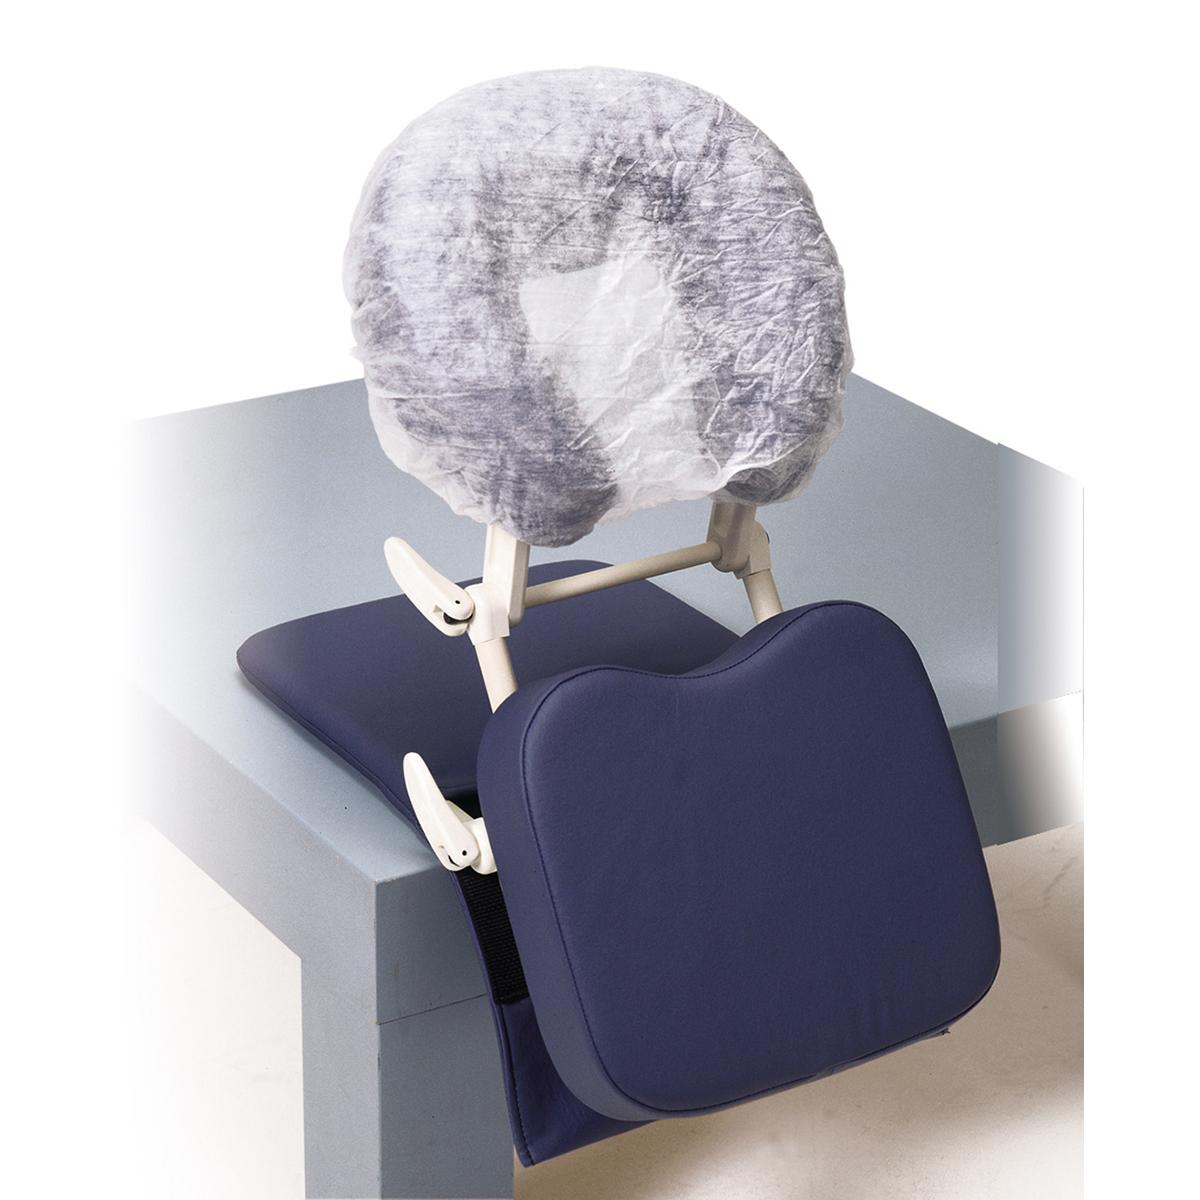 Housses t ti re pour chaise pack de 100 5499 pi ces - Housses pour chaises ...